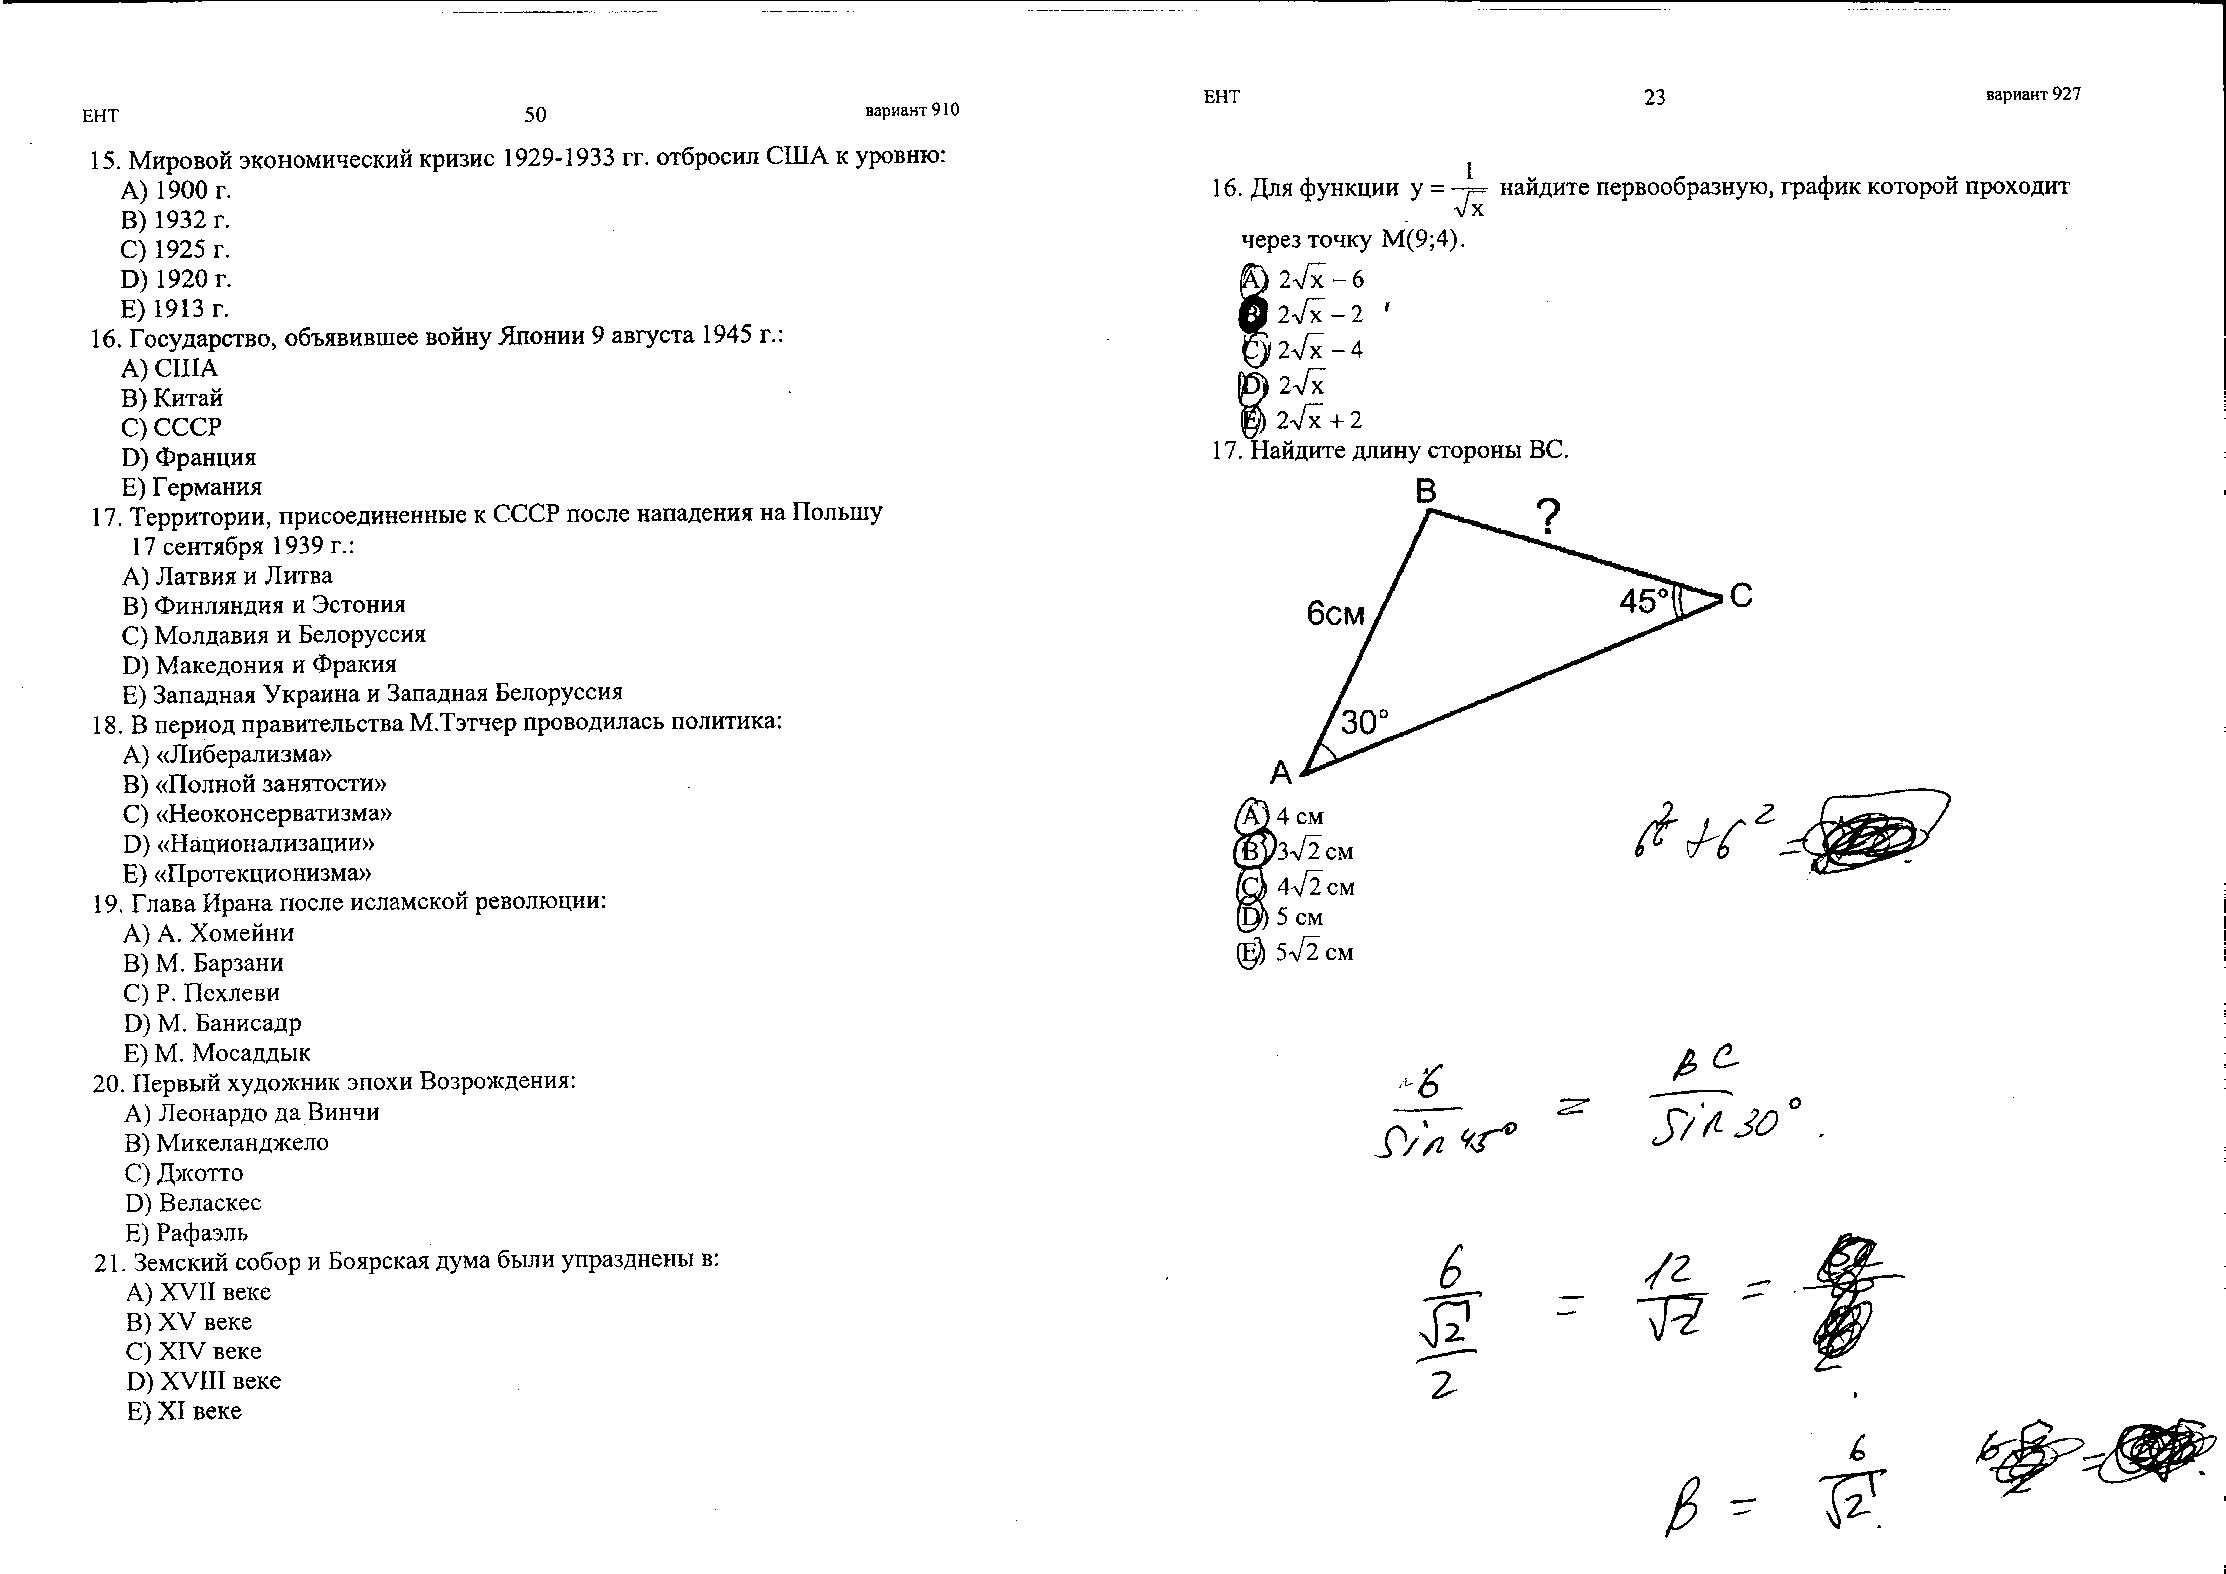 G:\Тесты -коды\тесты ЕНТ 2014\тесты ЕНТ 2014\4128\23.tif